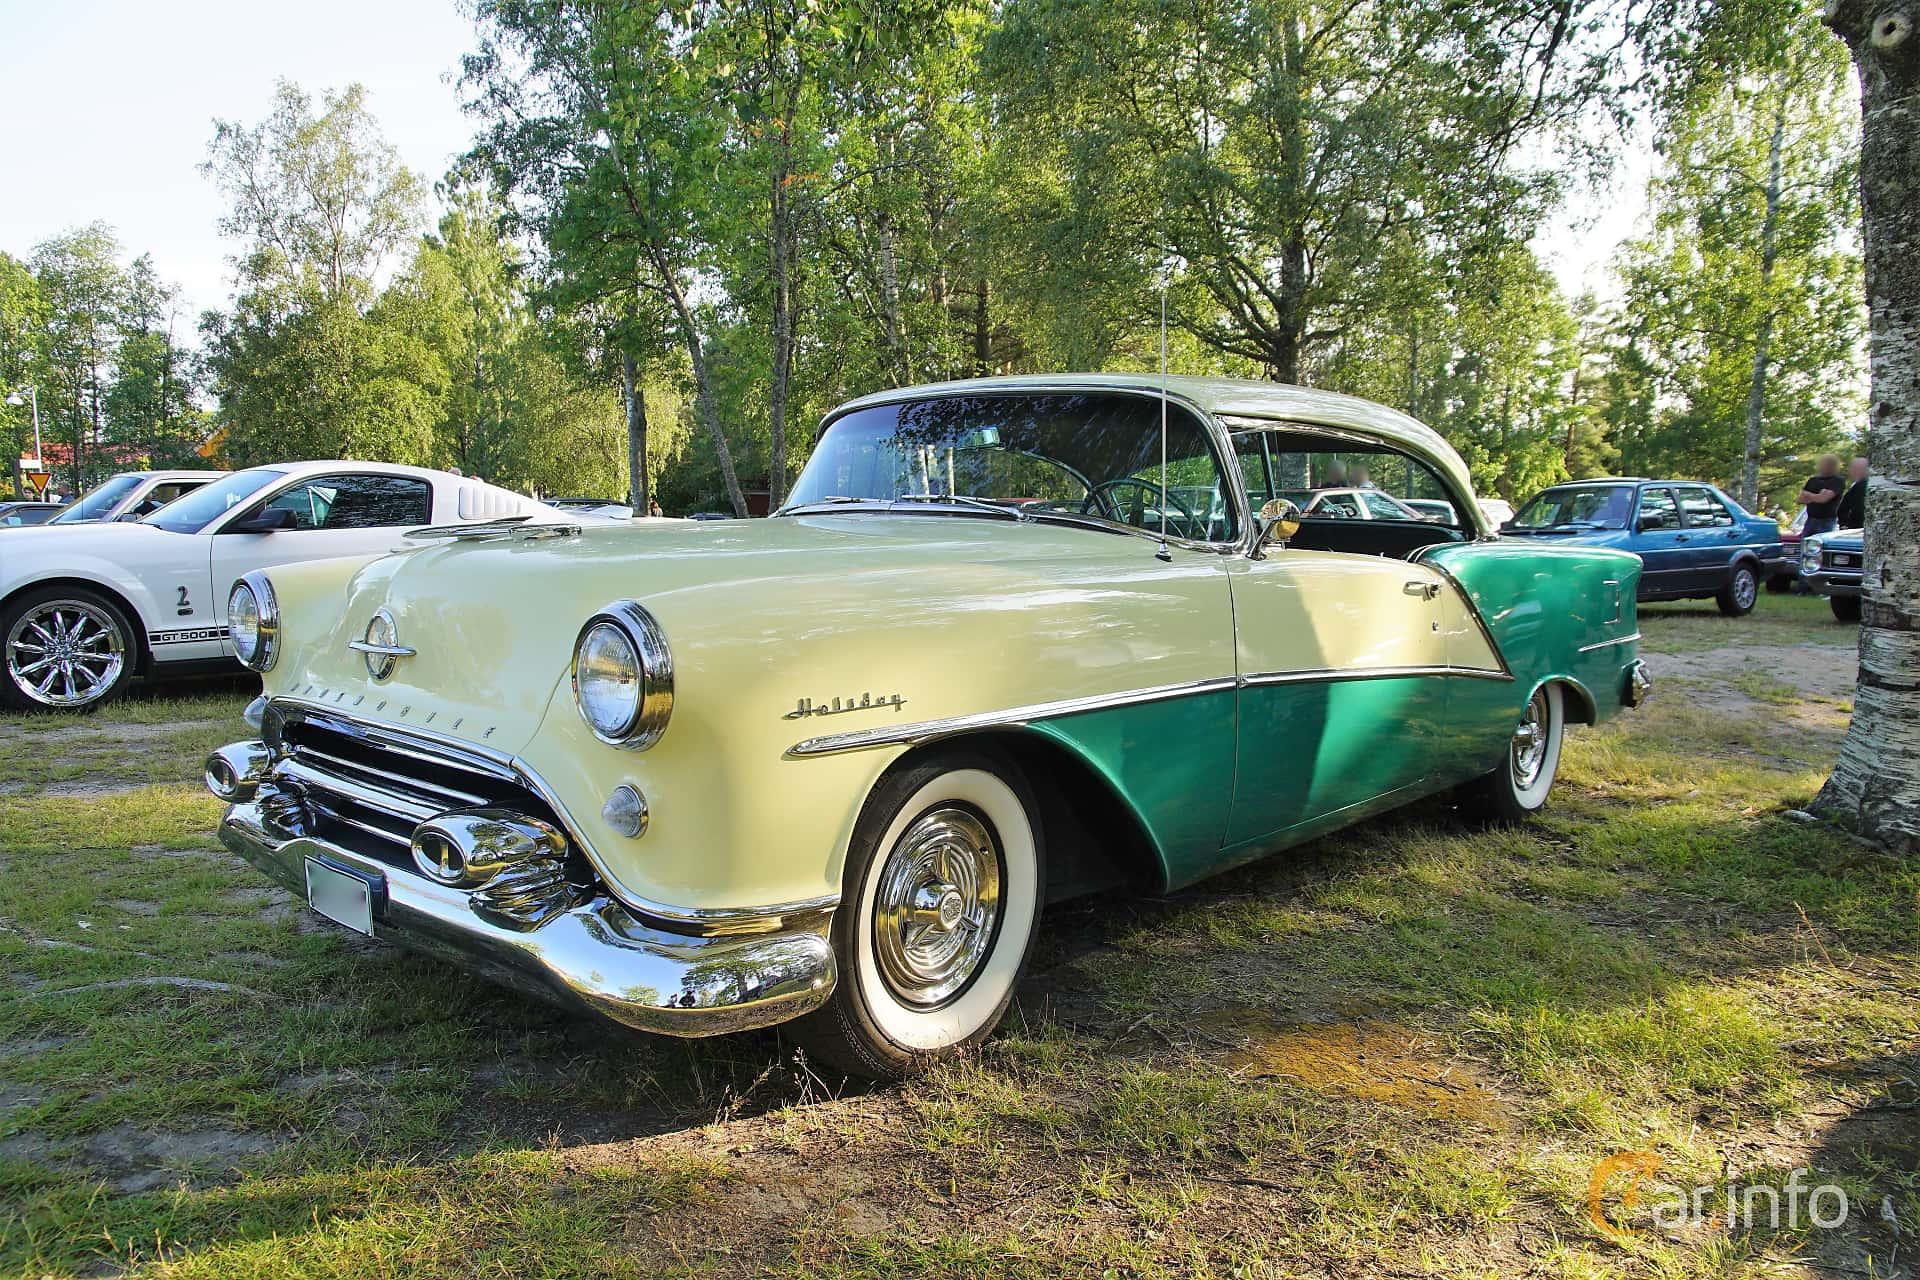 Oldsmobile Ninety-Eight Holiday Coupé 5.3 V8 Hydra-Matic, 188hp, 1954 at Onsdagsträffar på Gammlia Umeå 2019 vecka 28